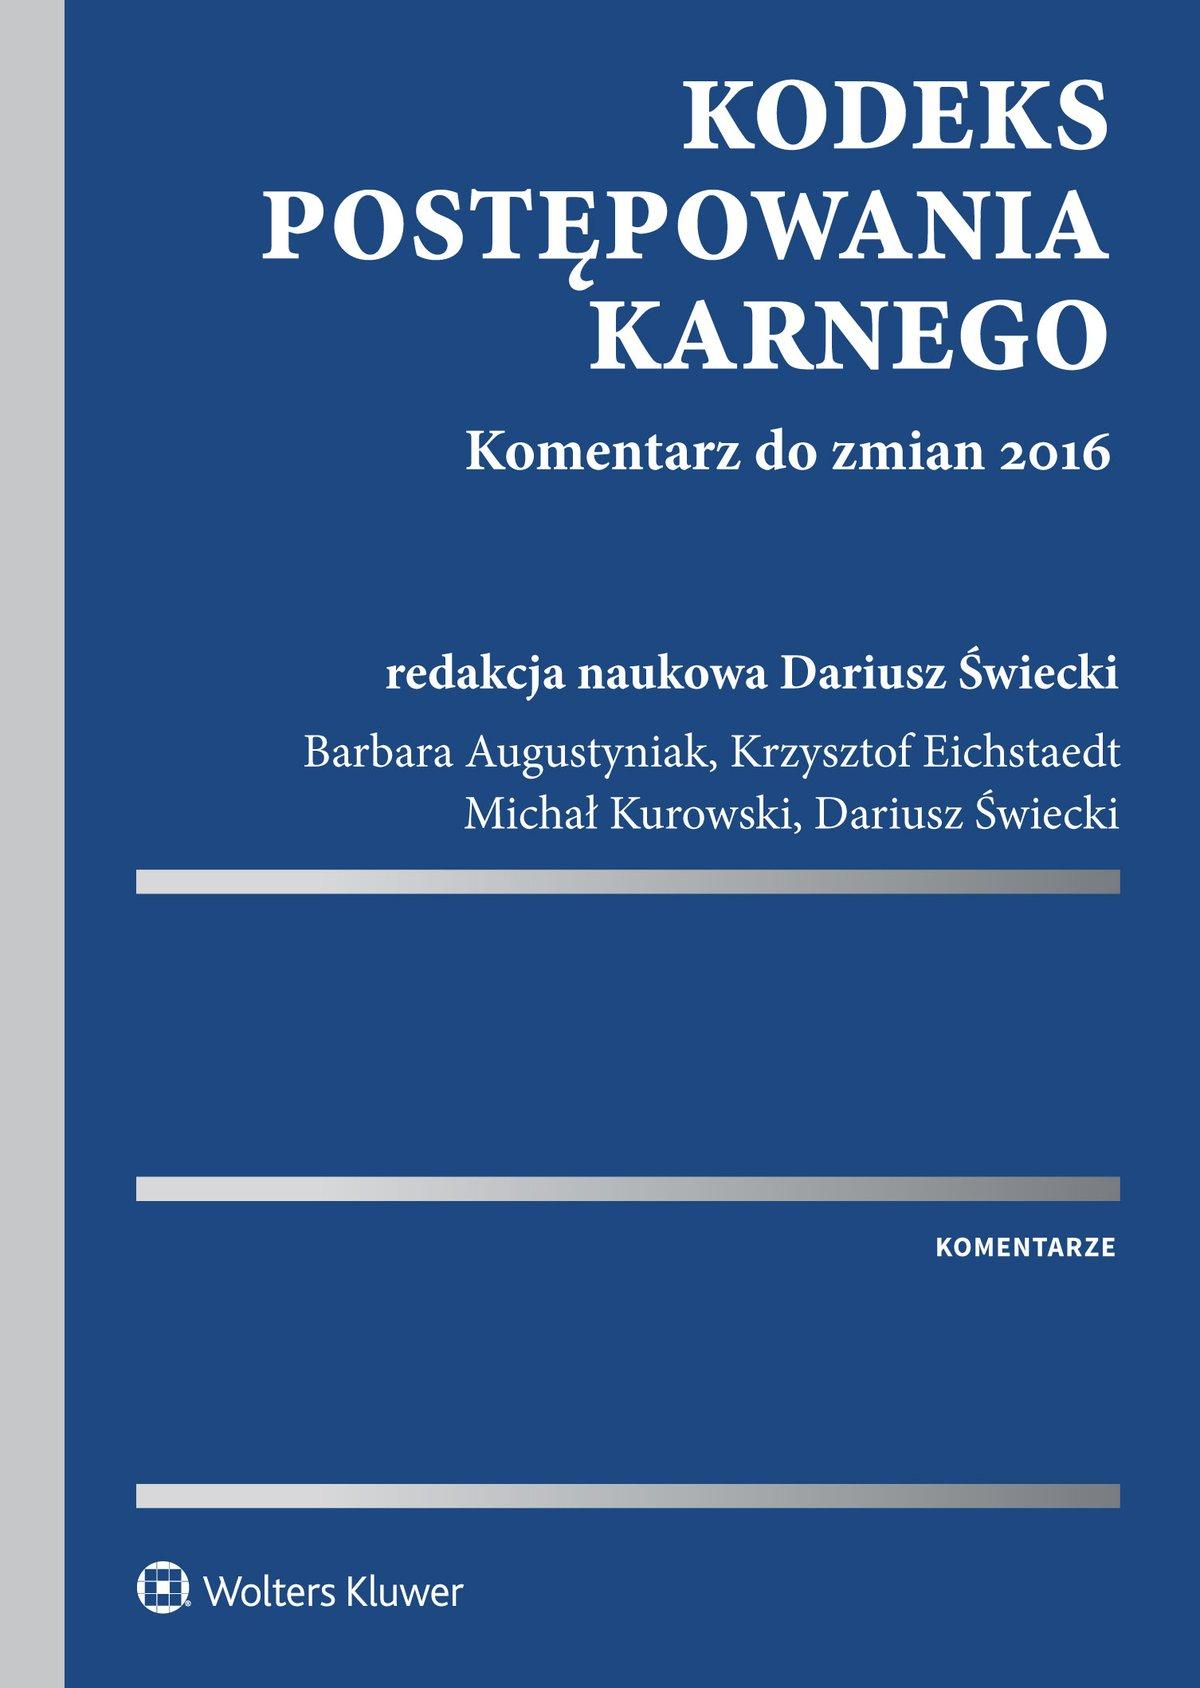 Kodeks postępowania karnego. Komentarz do zmian 2016 - Ebook (Książka PDF) do pobrania w formacie PDF